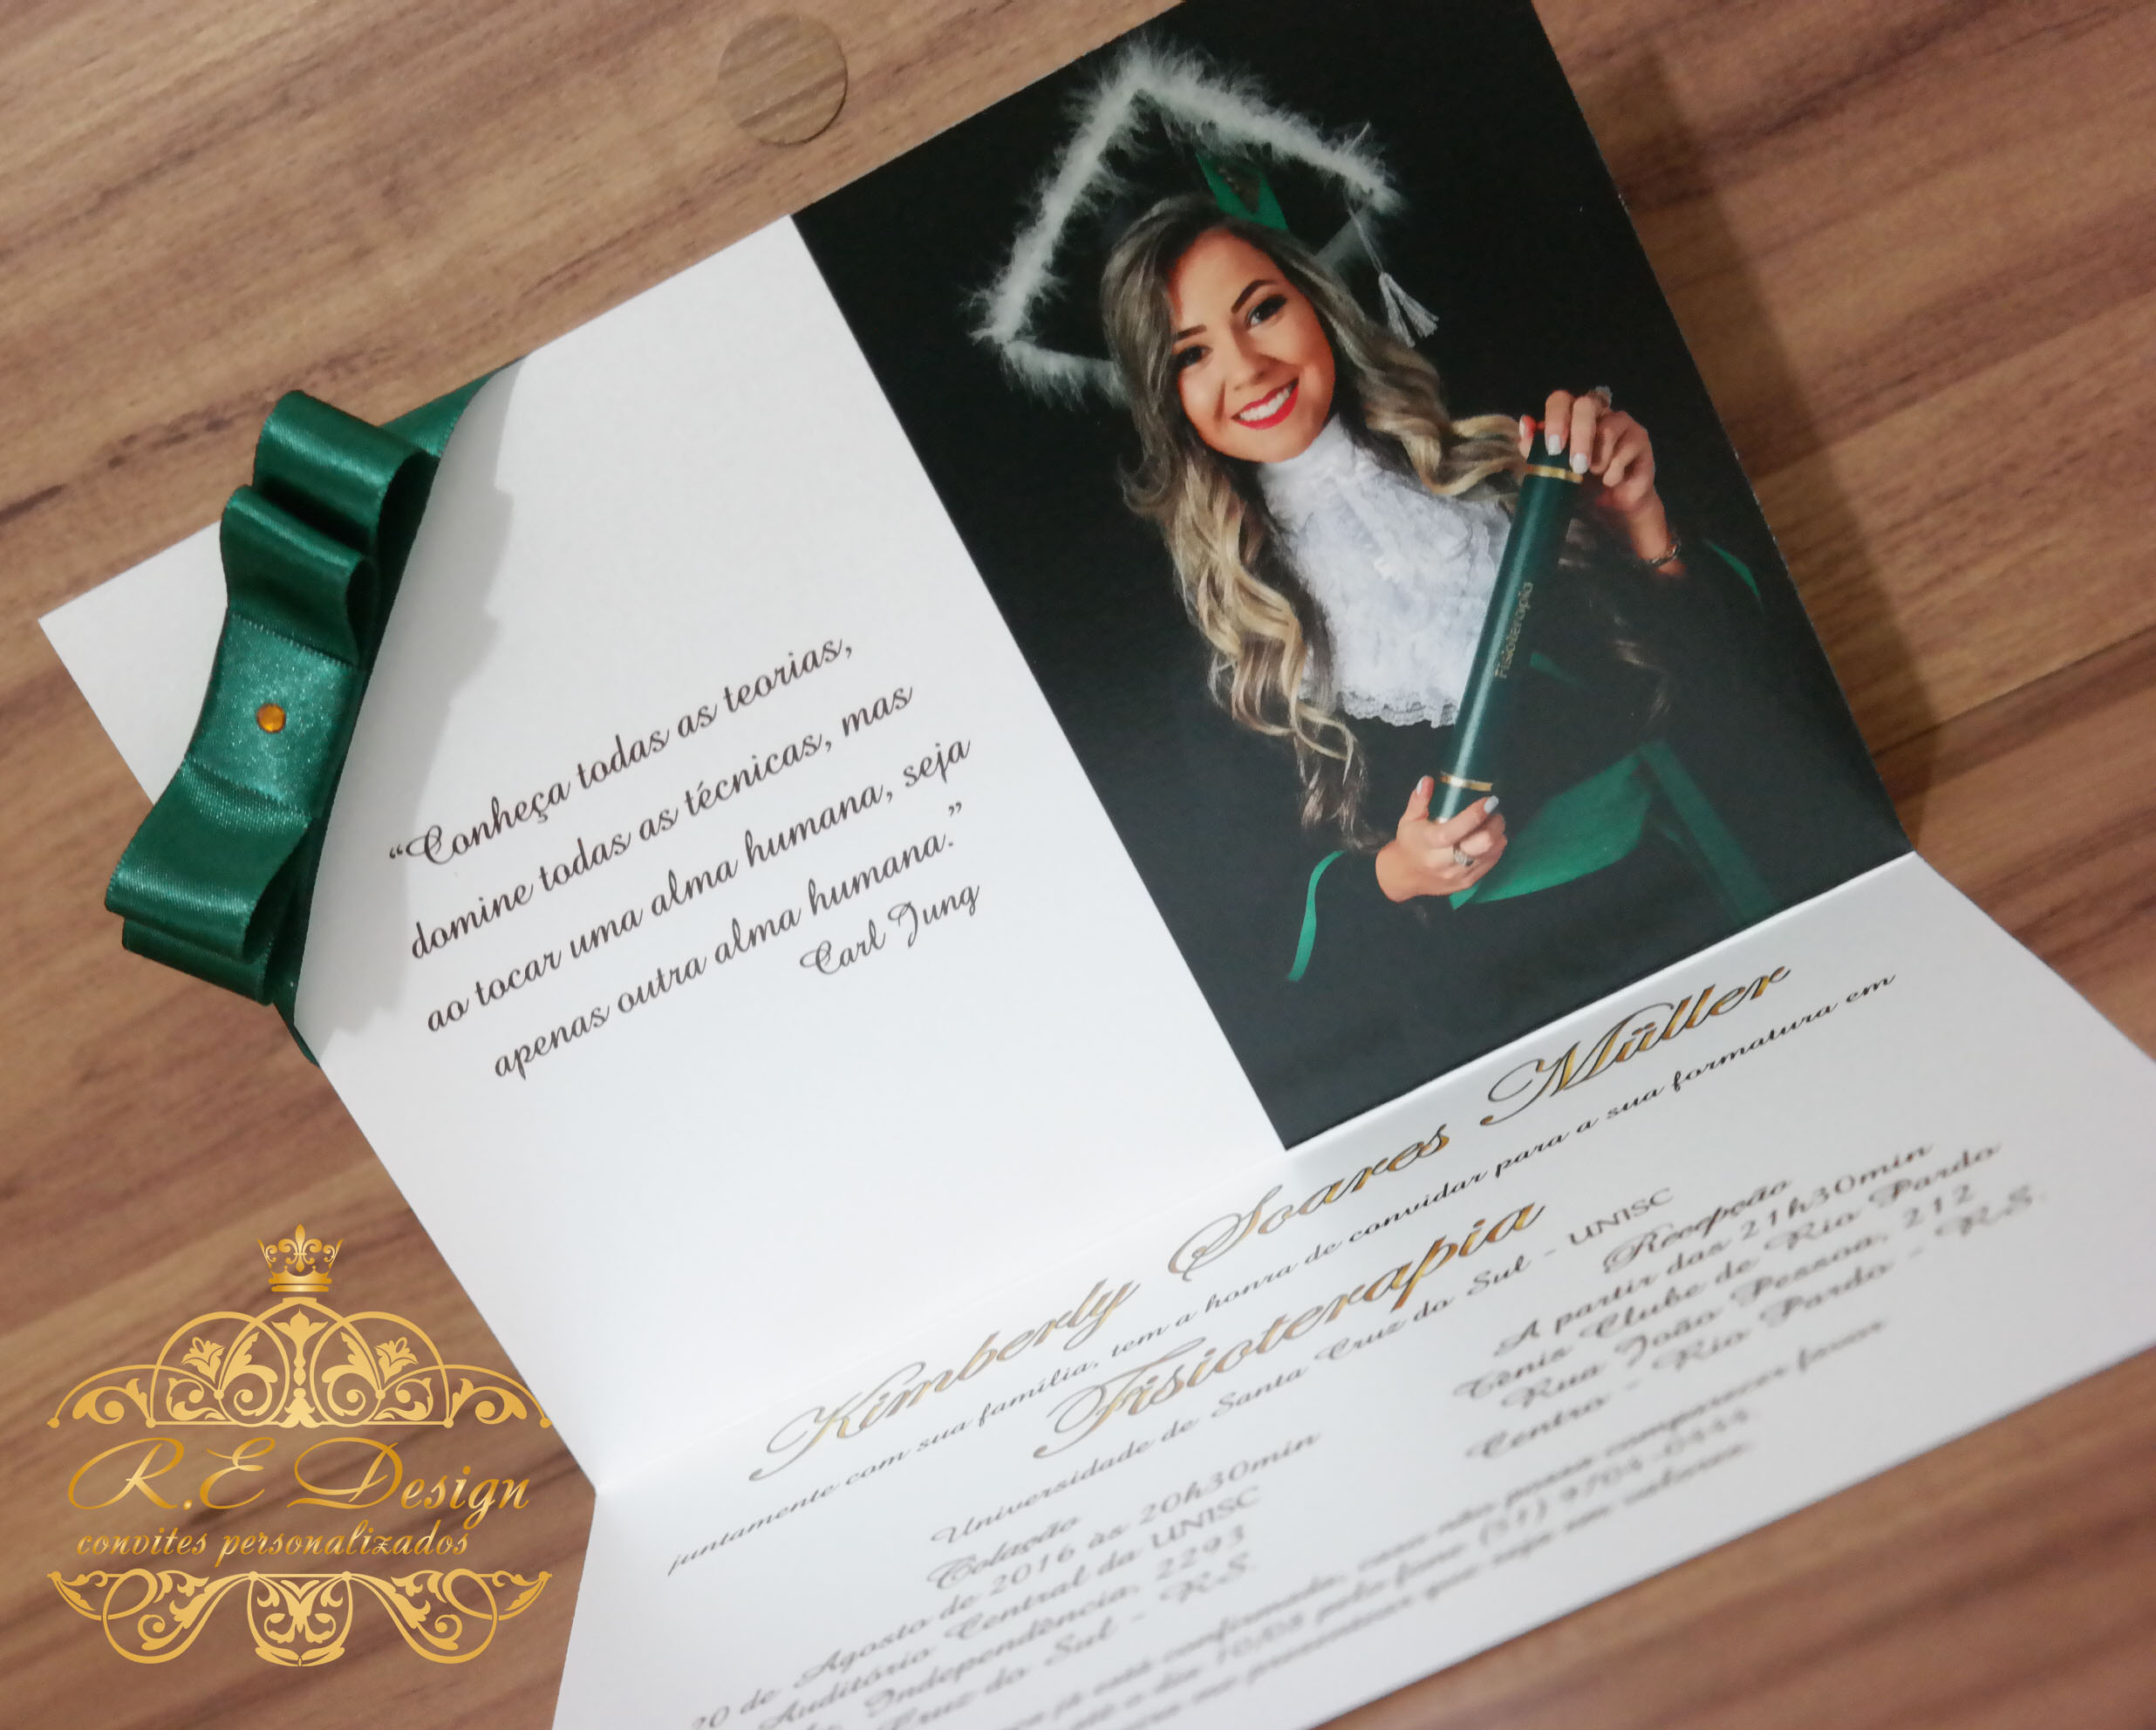 Formatura Convite Islanuevodiarioco